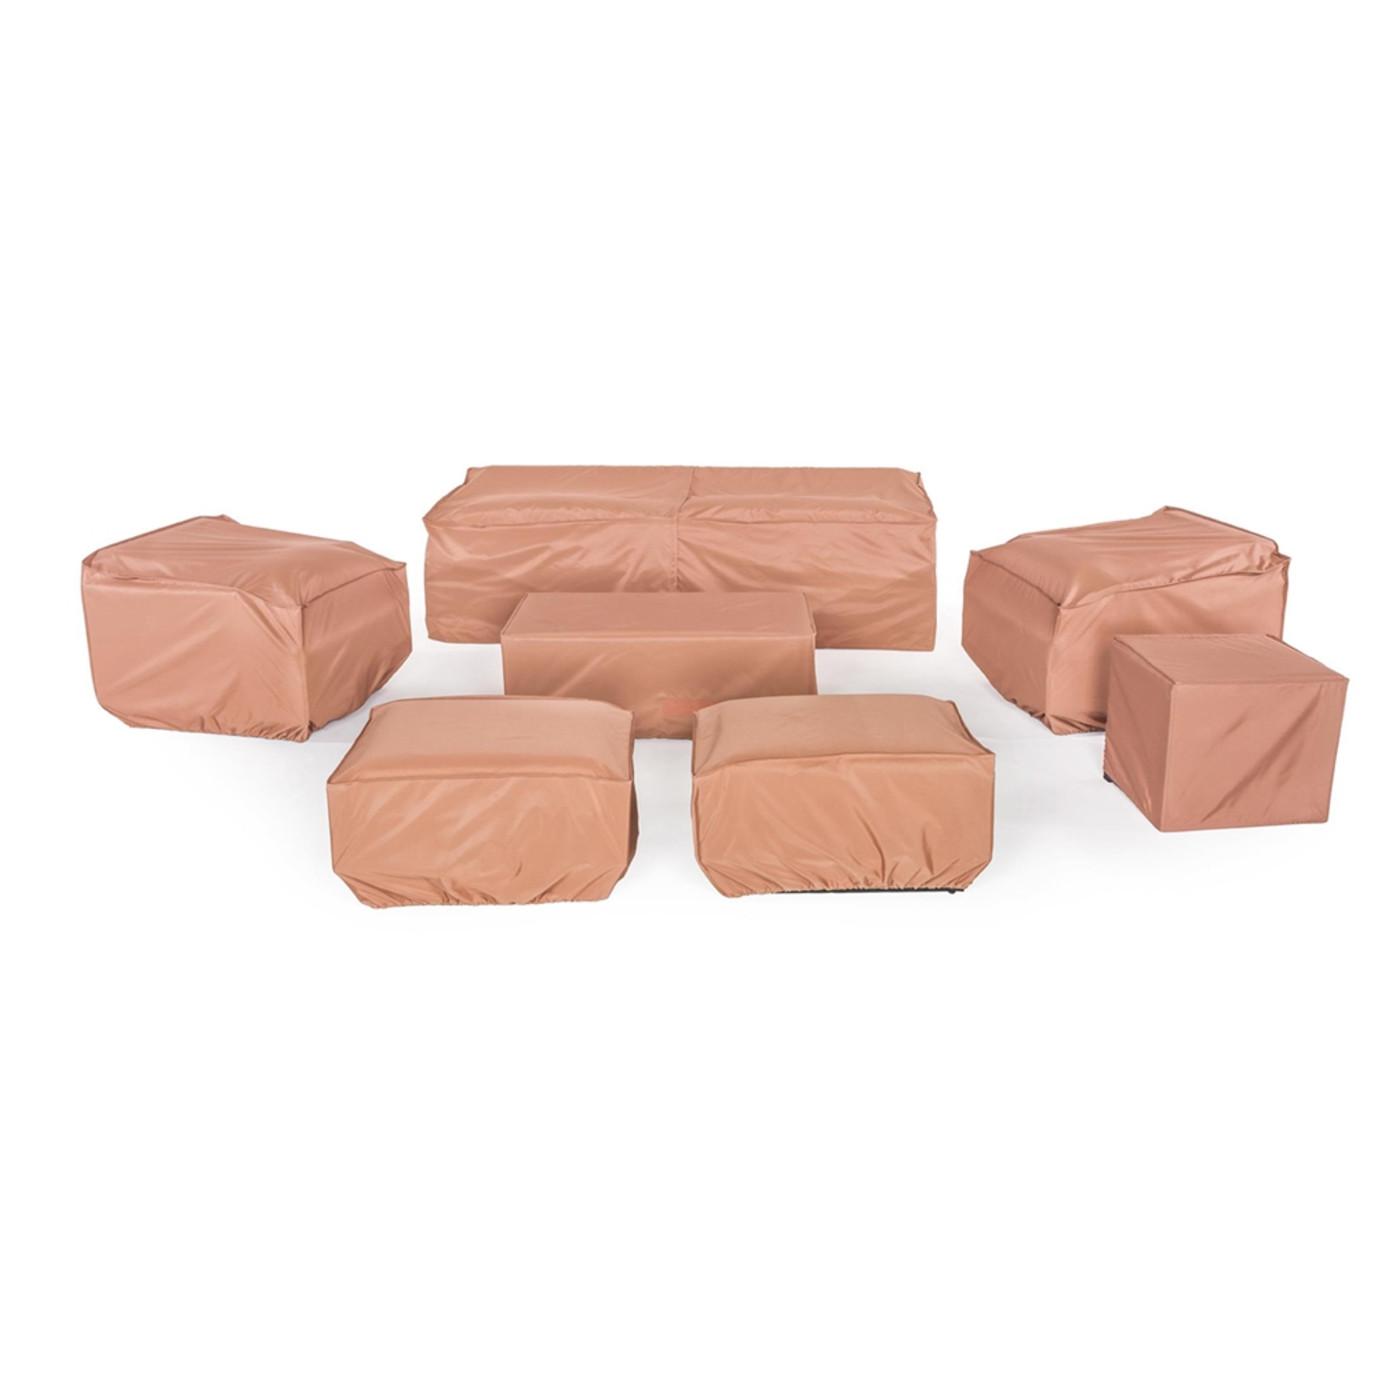 Portofino® Sling 8pc Furniture Cover Set